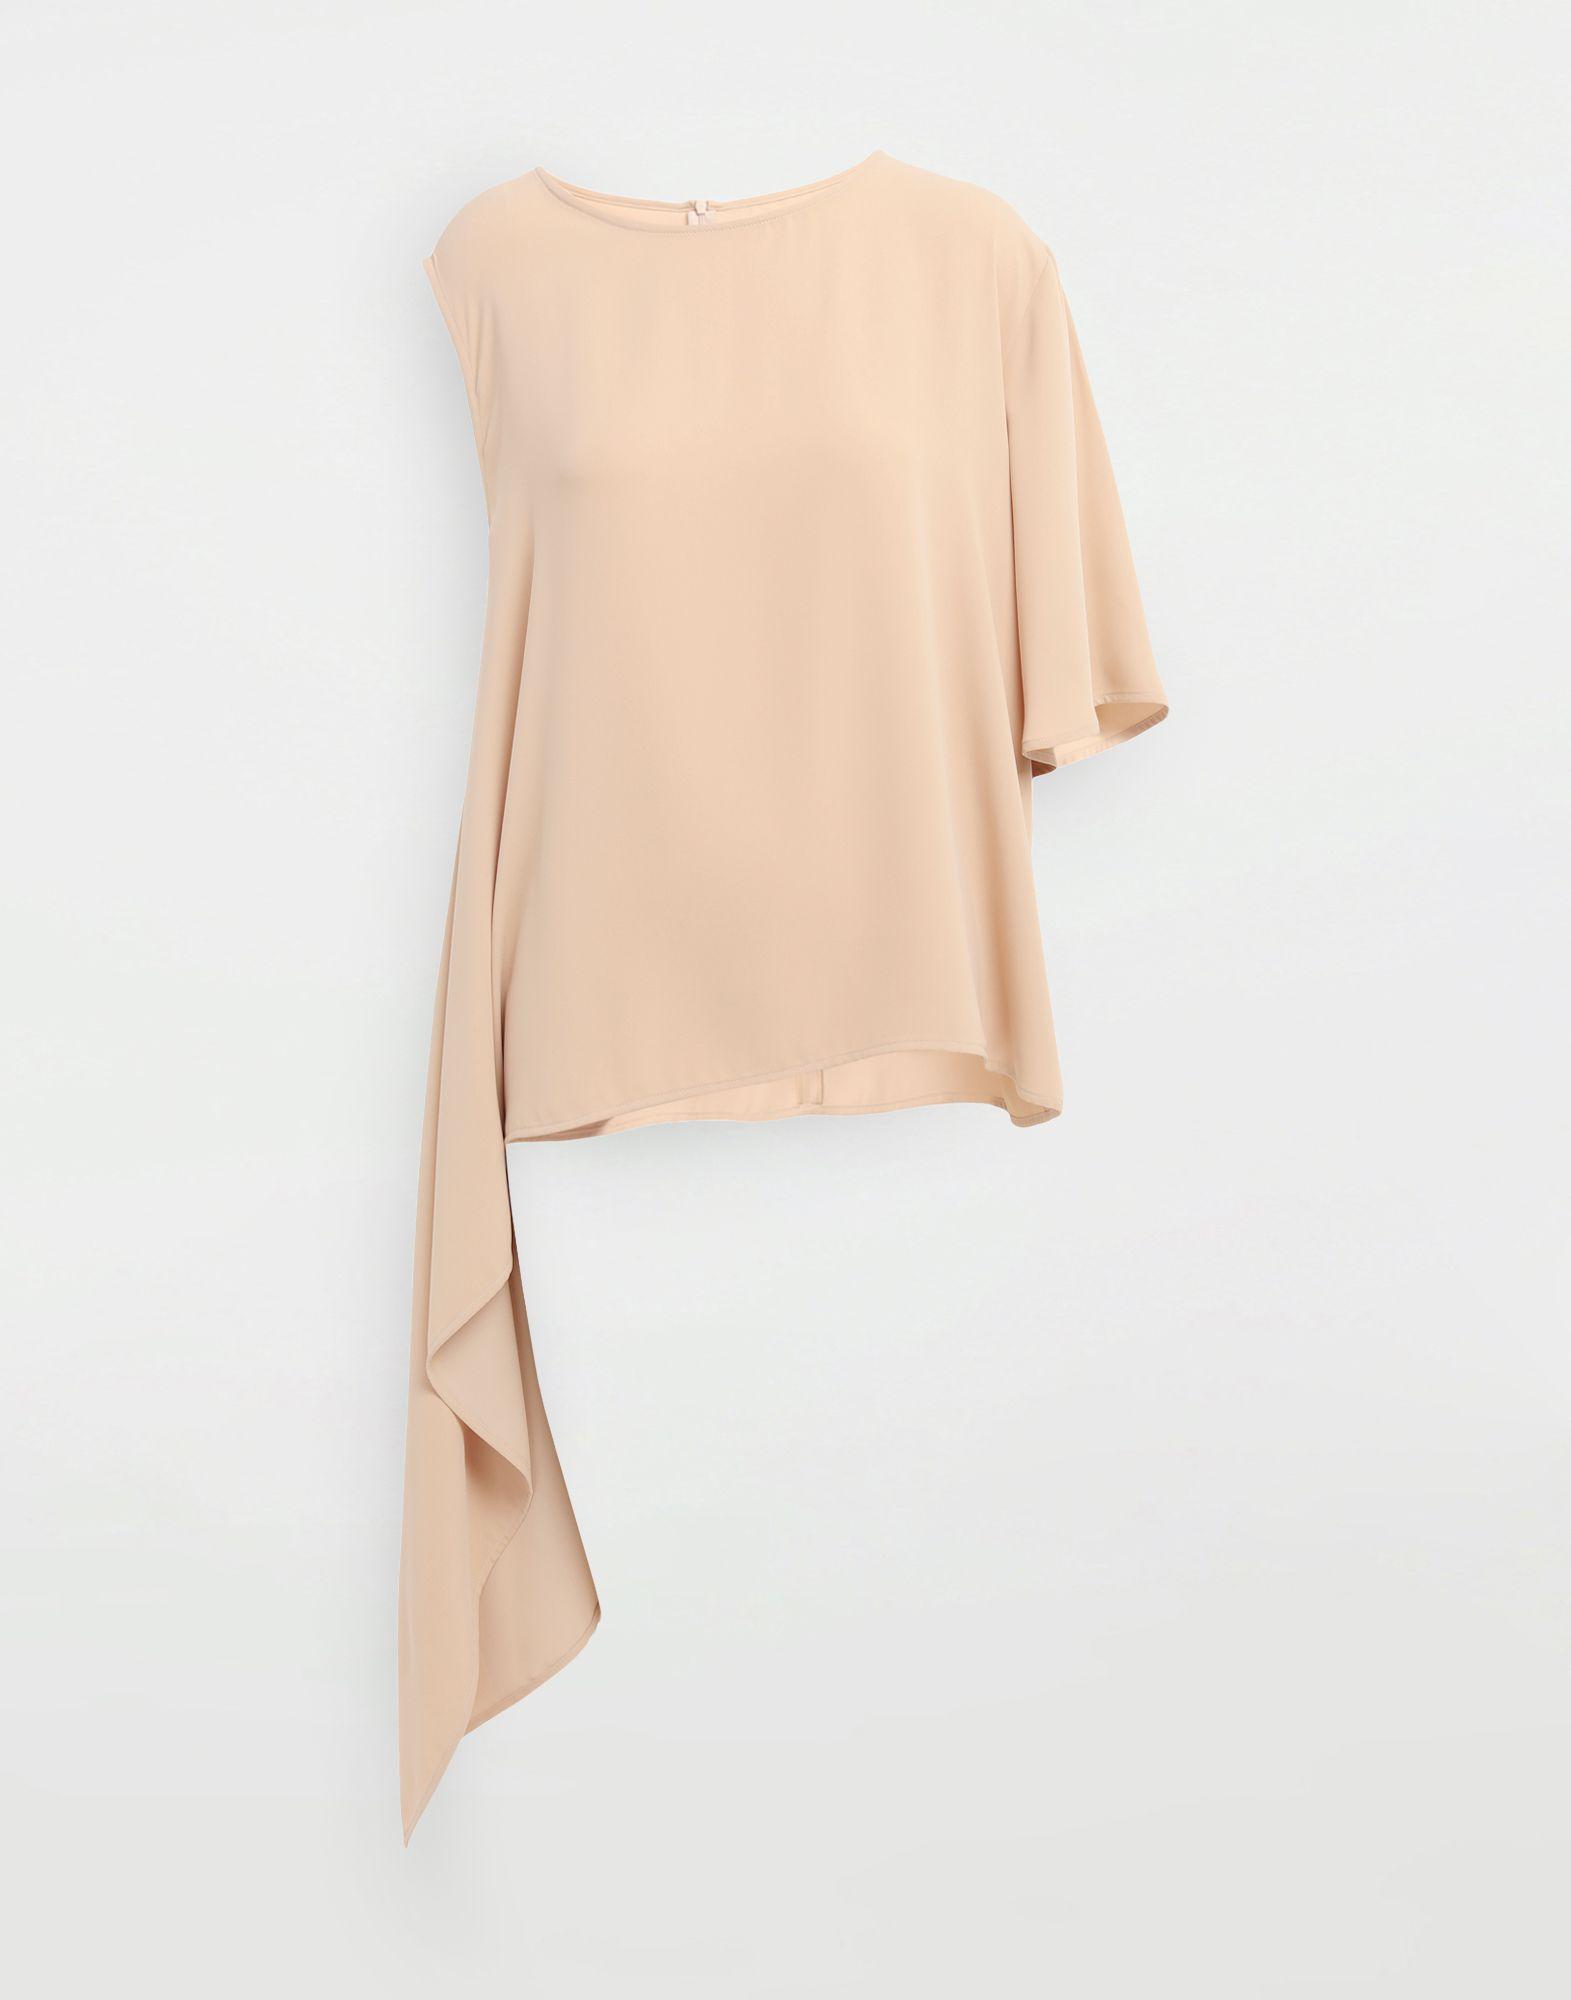 MM6 MAISON MARGIELA Asymmetrical jersey shirt Top Woman f